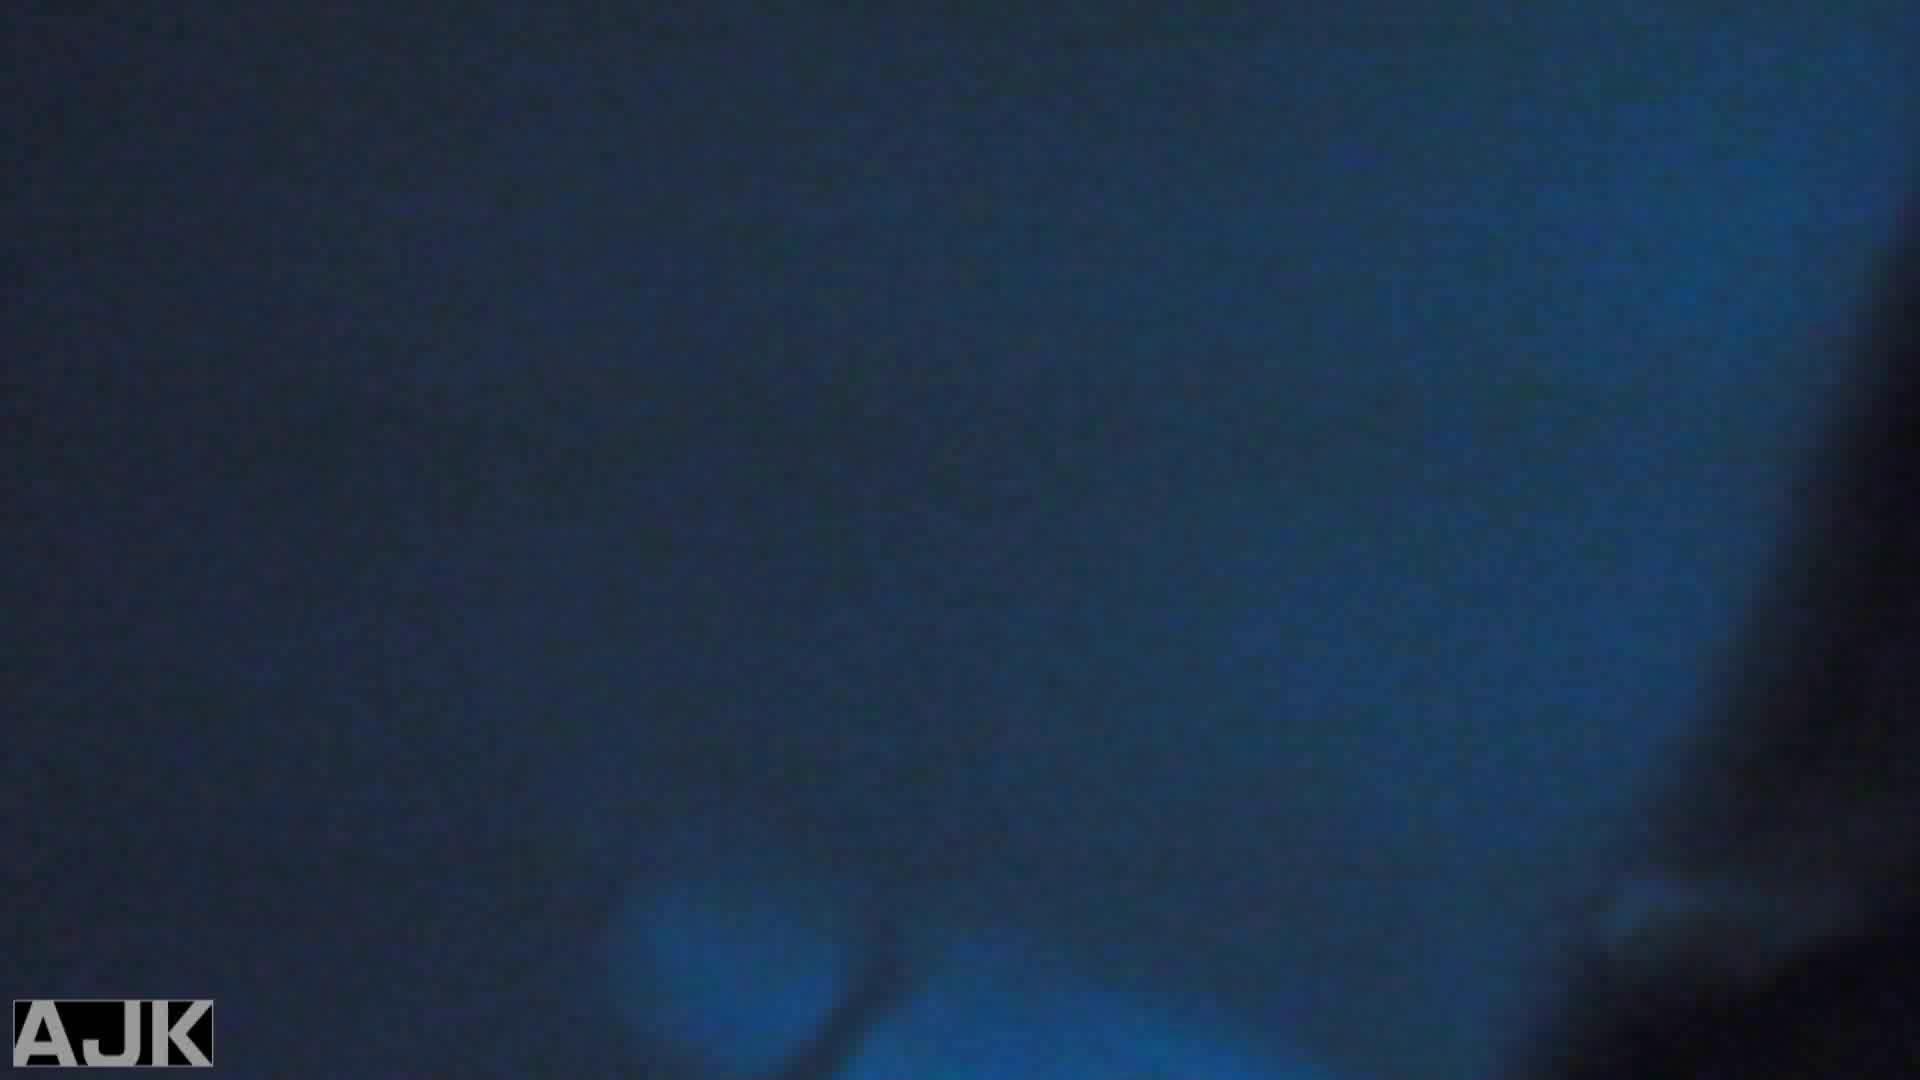 神降臨!史上最強の潜入かわや! vol.17 美女まとめ われめAV動画紹介 106PIX 82